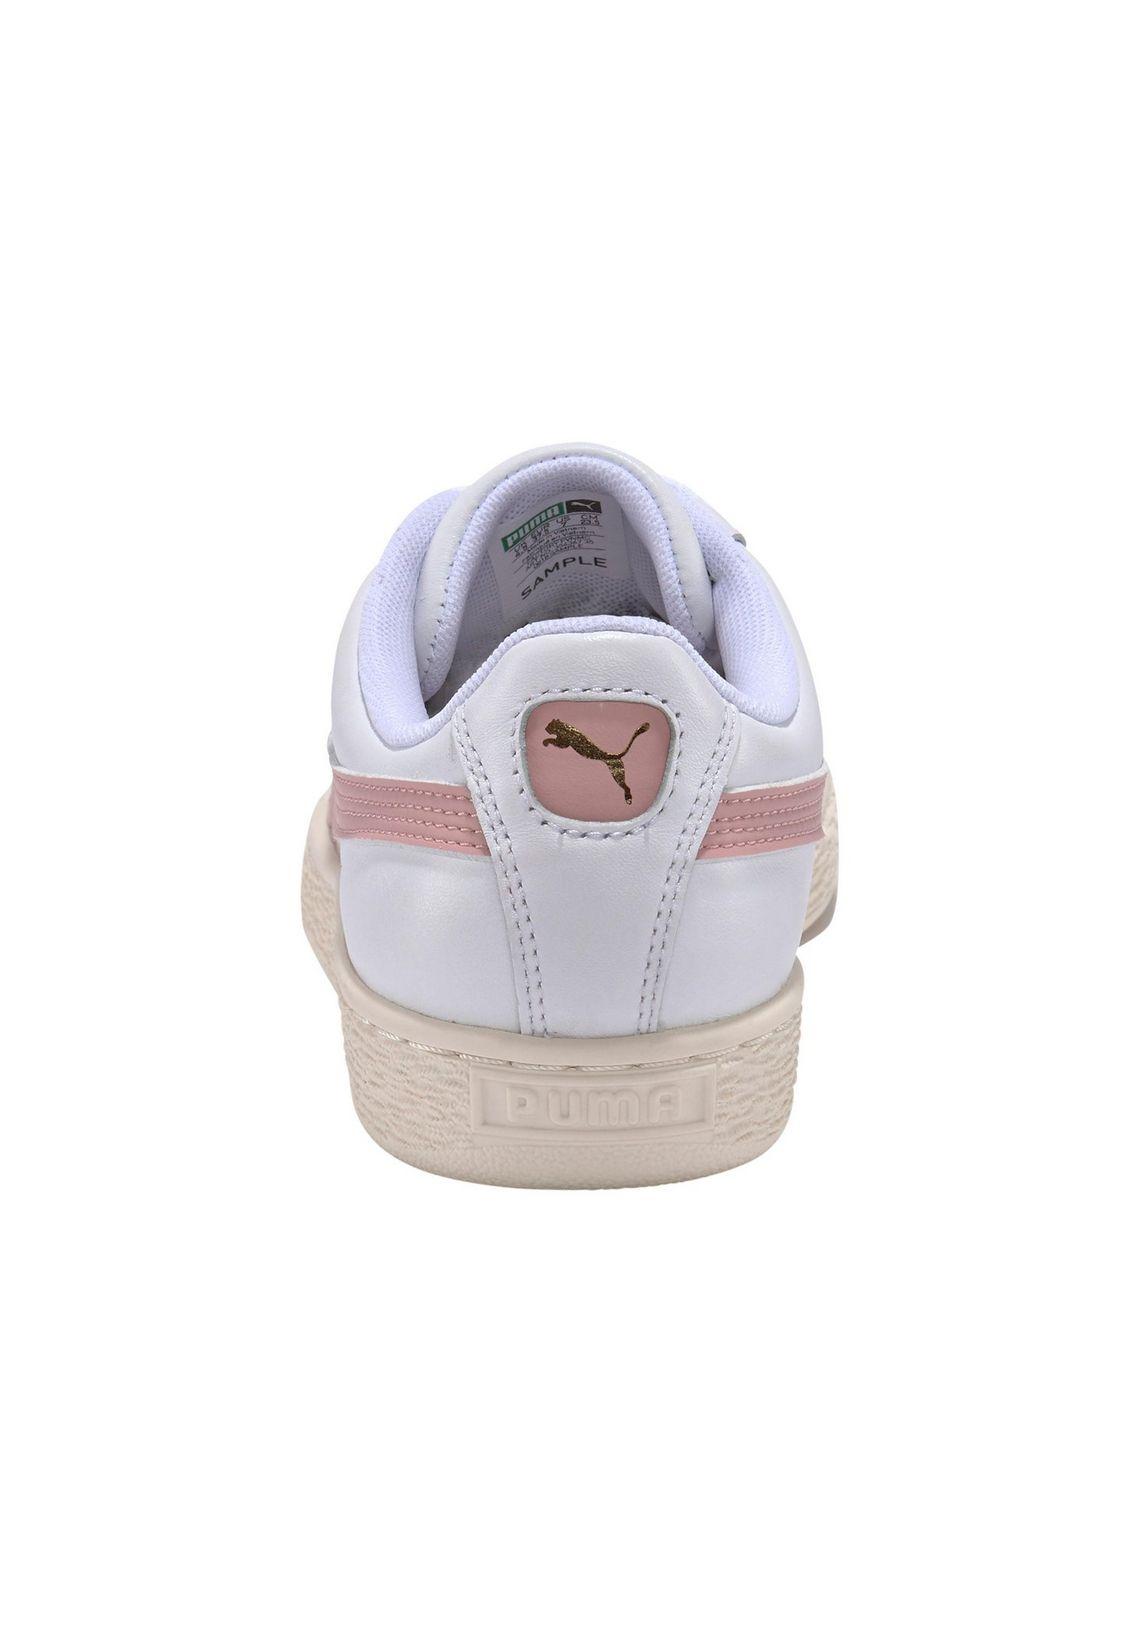 PUMA sneakers  Basket Classic LFS online verkrijgbaar  wit/oudroze